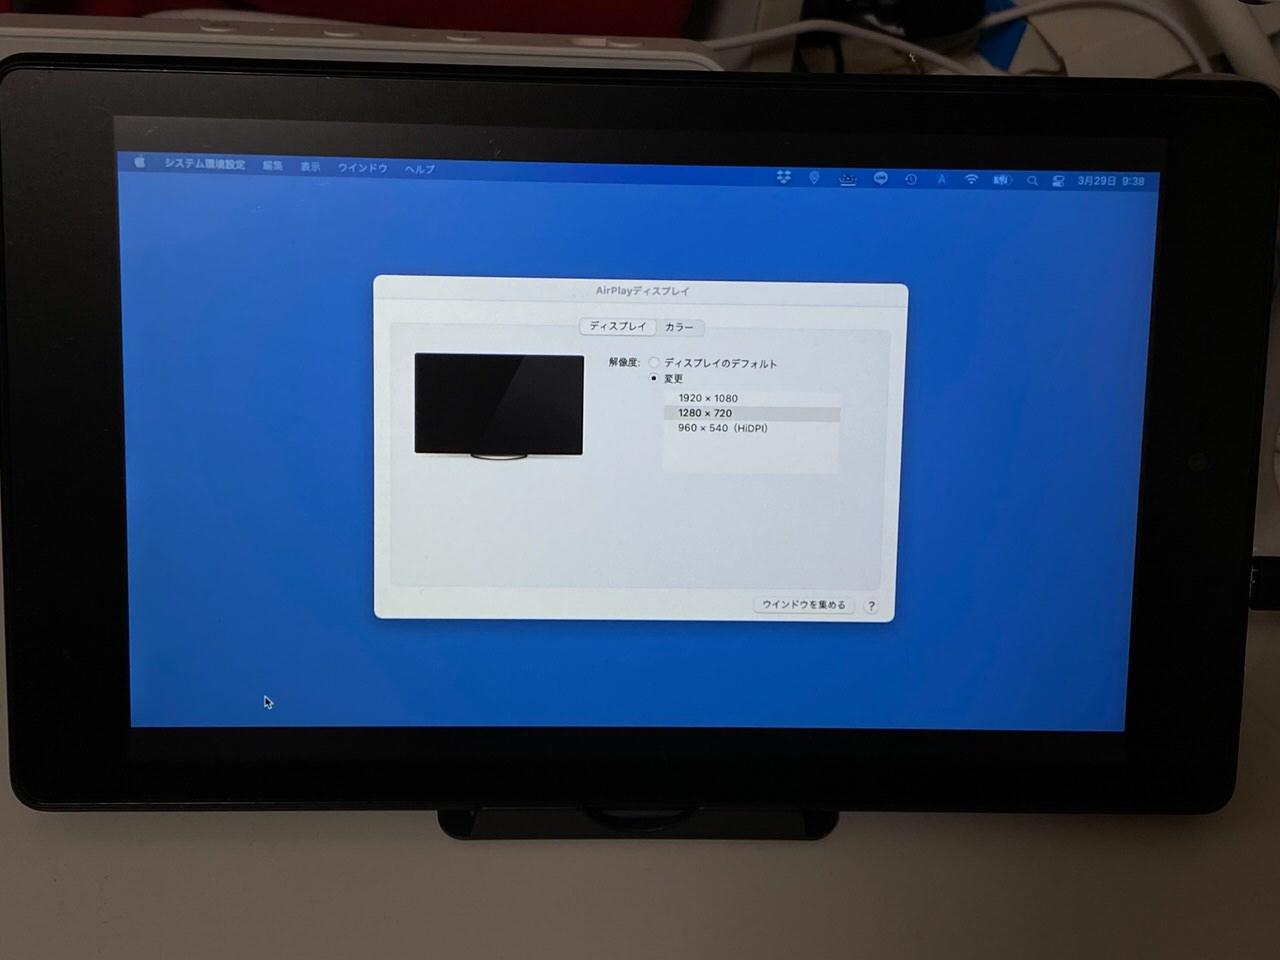 Mac air receiver 002 202103